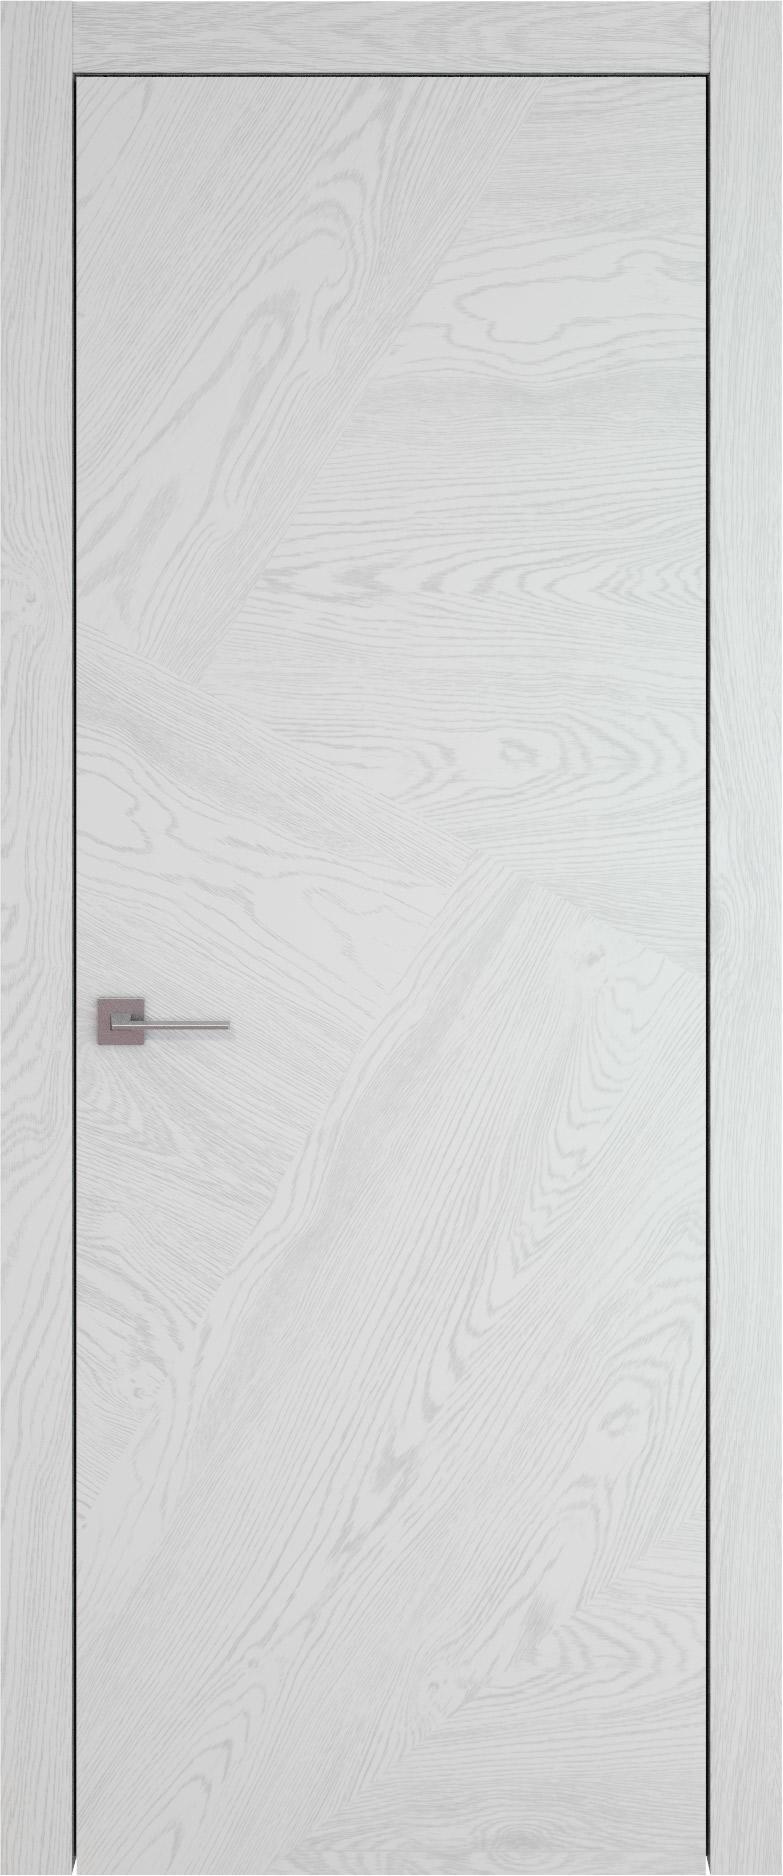 Tivoli М-1 цвет - Белый ясень (шпон) Без стекла (ДГ)